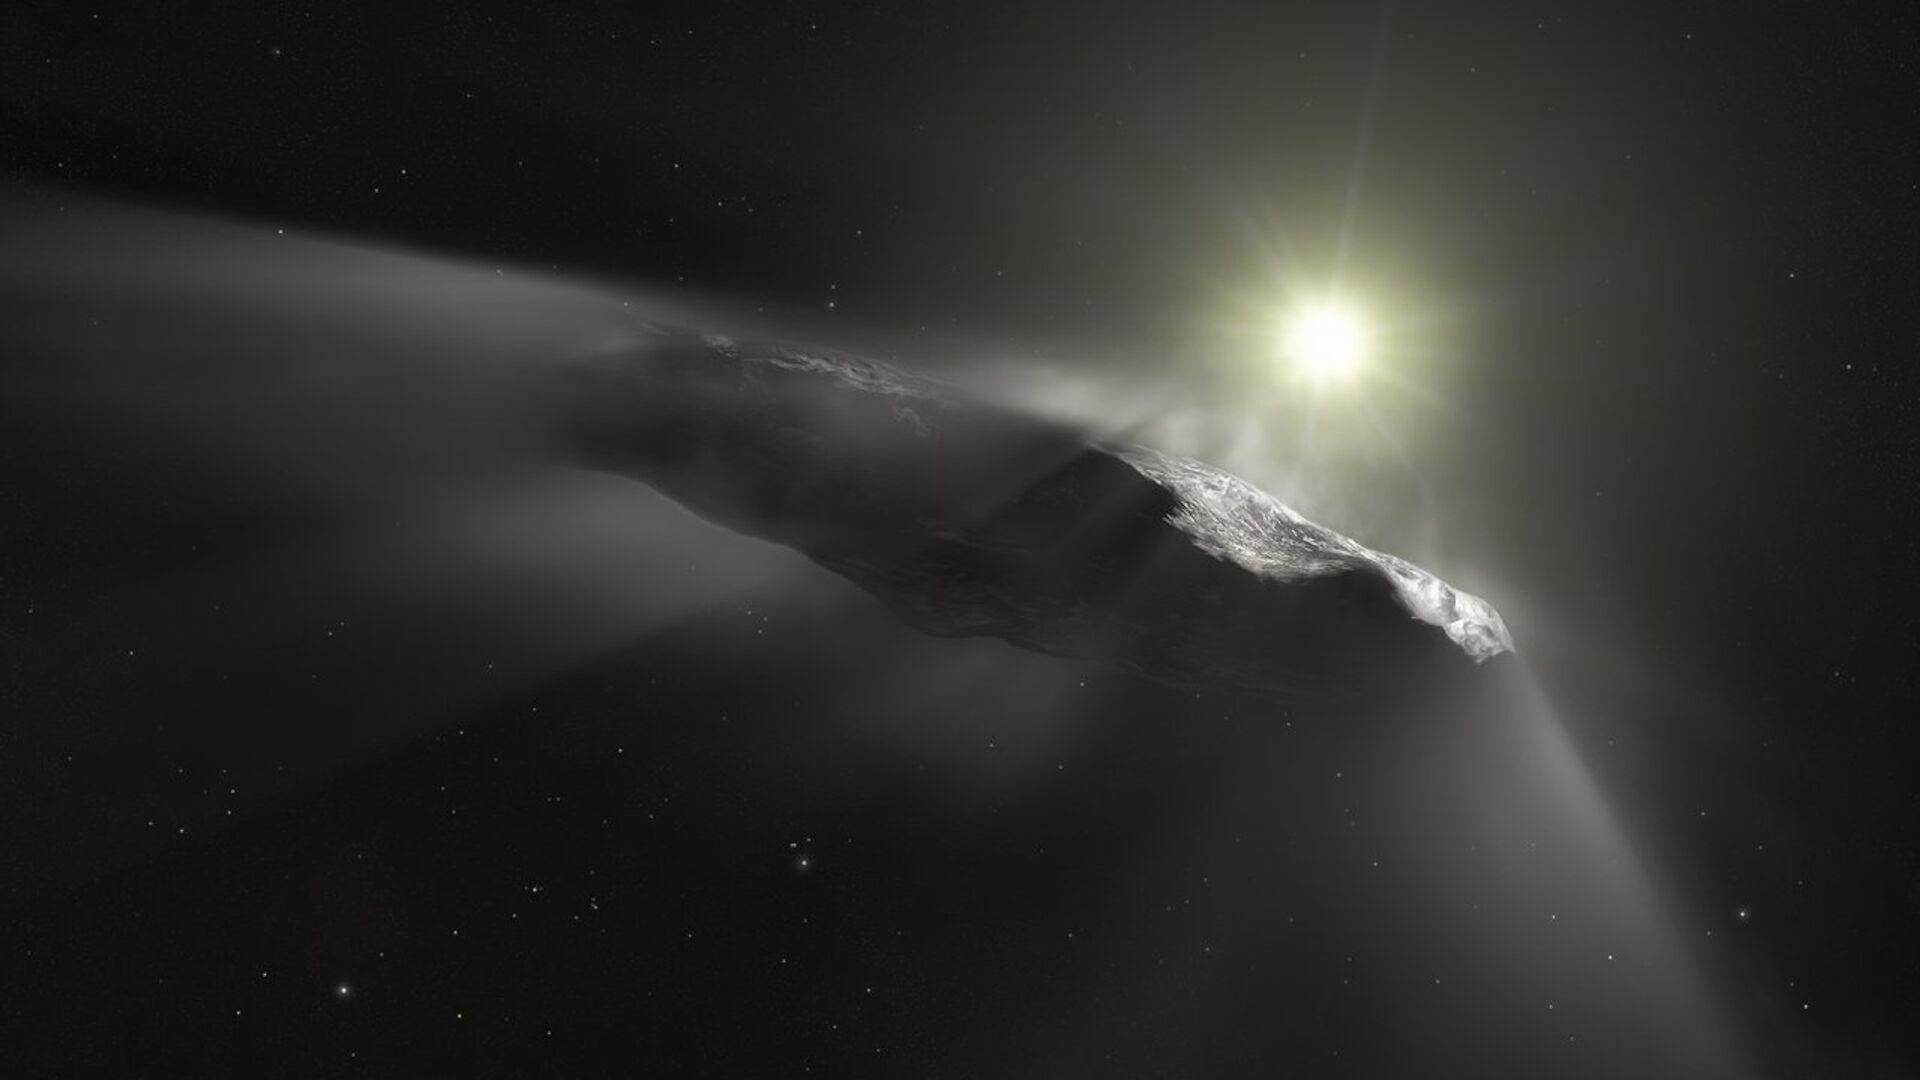 Так художник изобразил межзвездный астероид Оумуамуа - РИА Новости, 1920, 19.10.2020